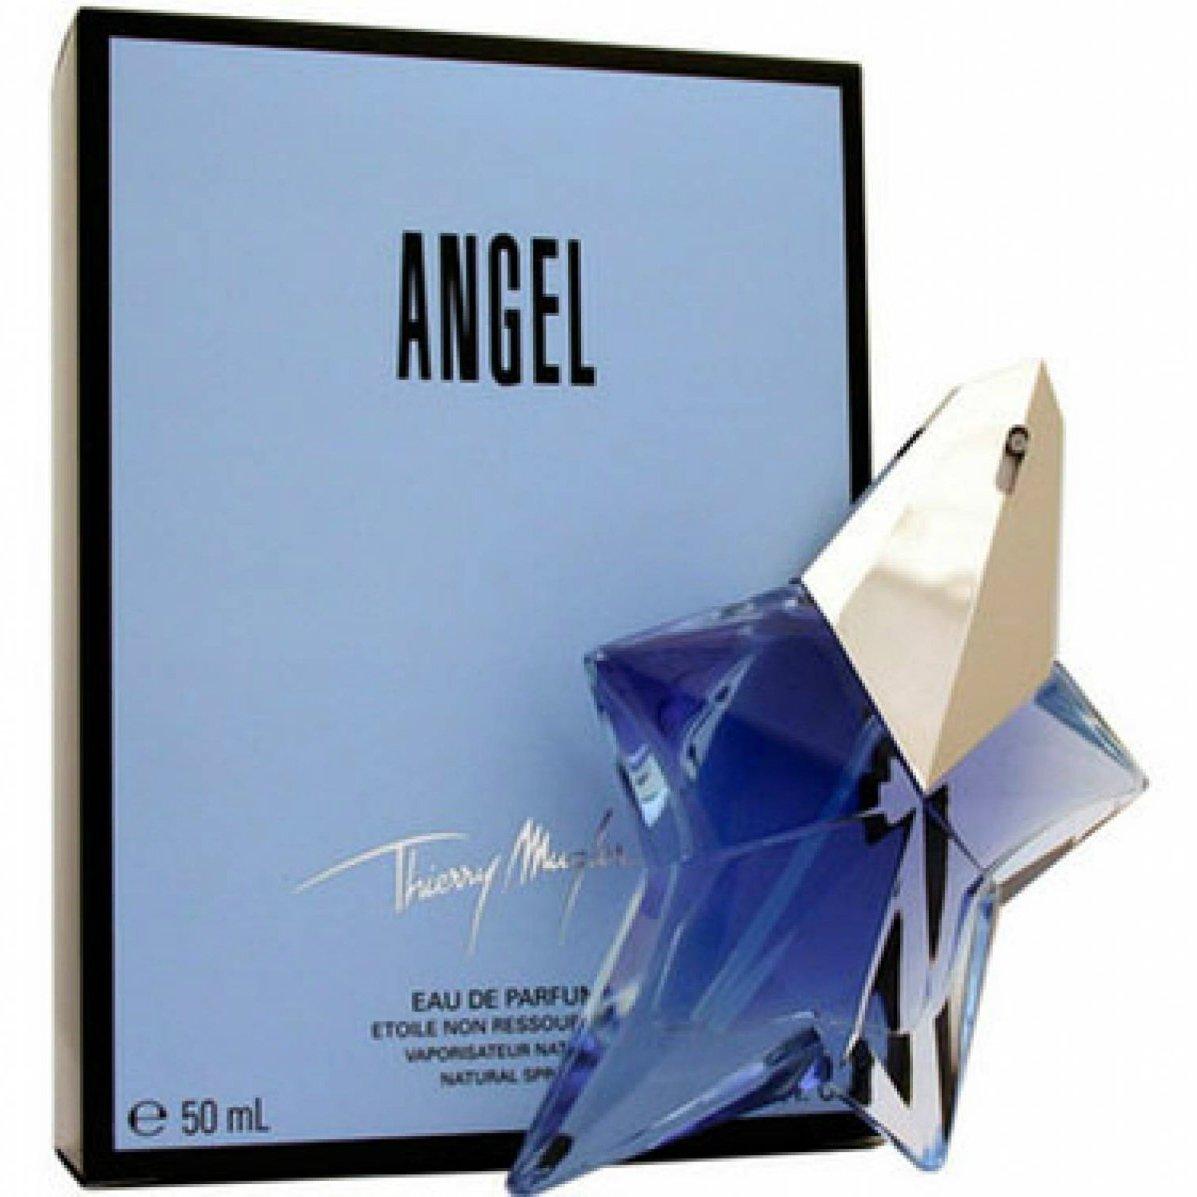 perfume thierry mugler angel feminino edp 50 ml 21235 2000 60117